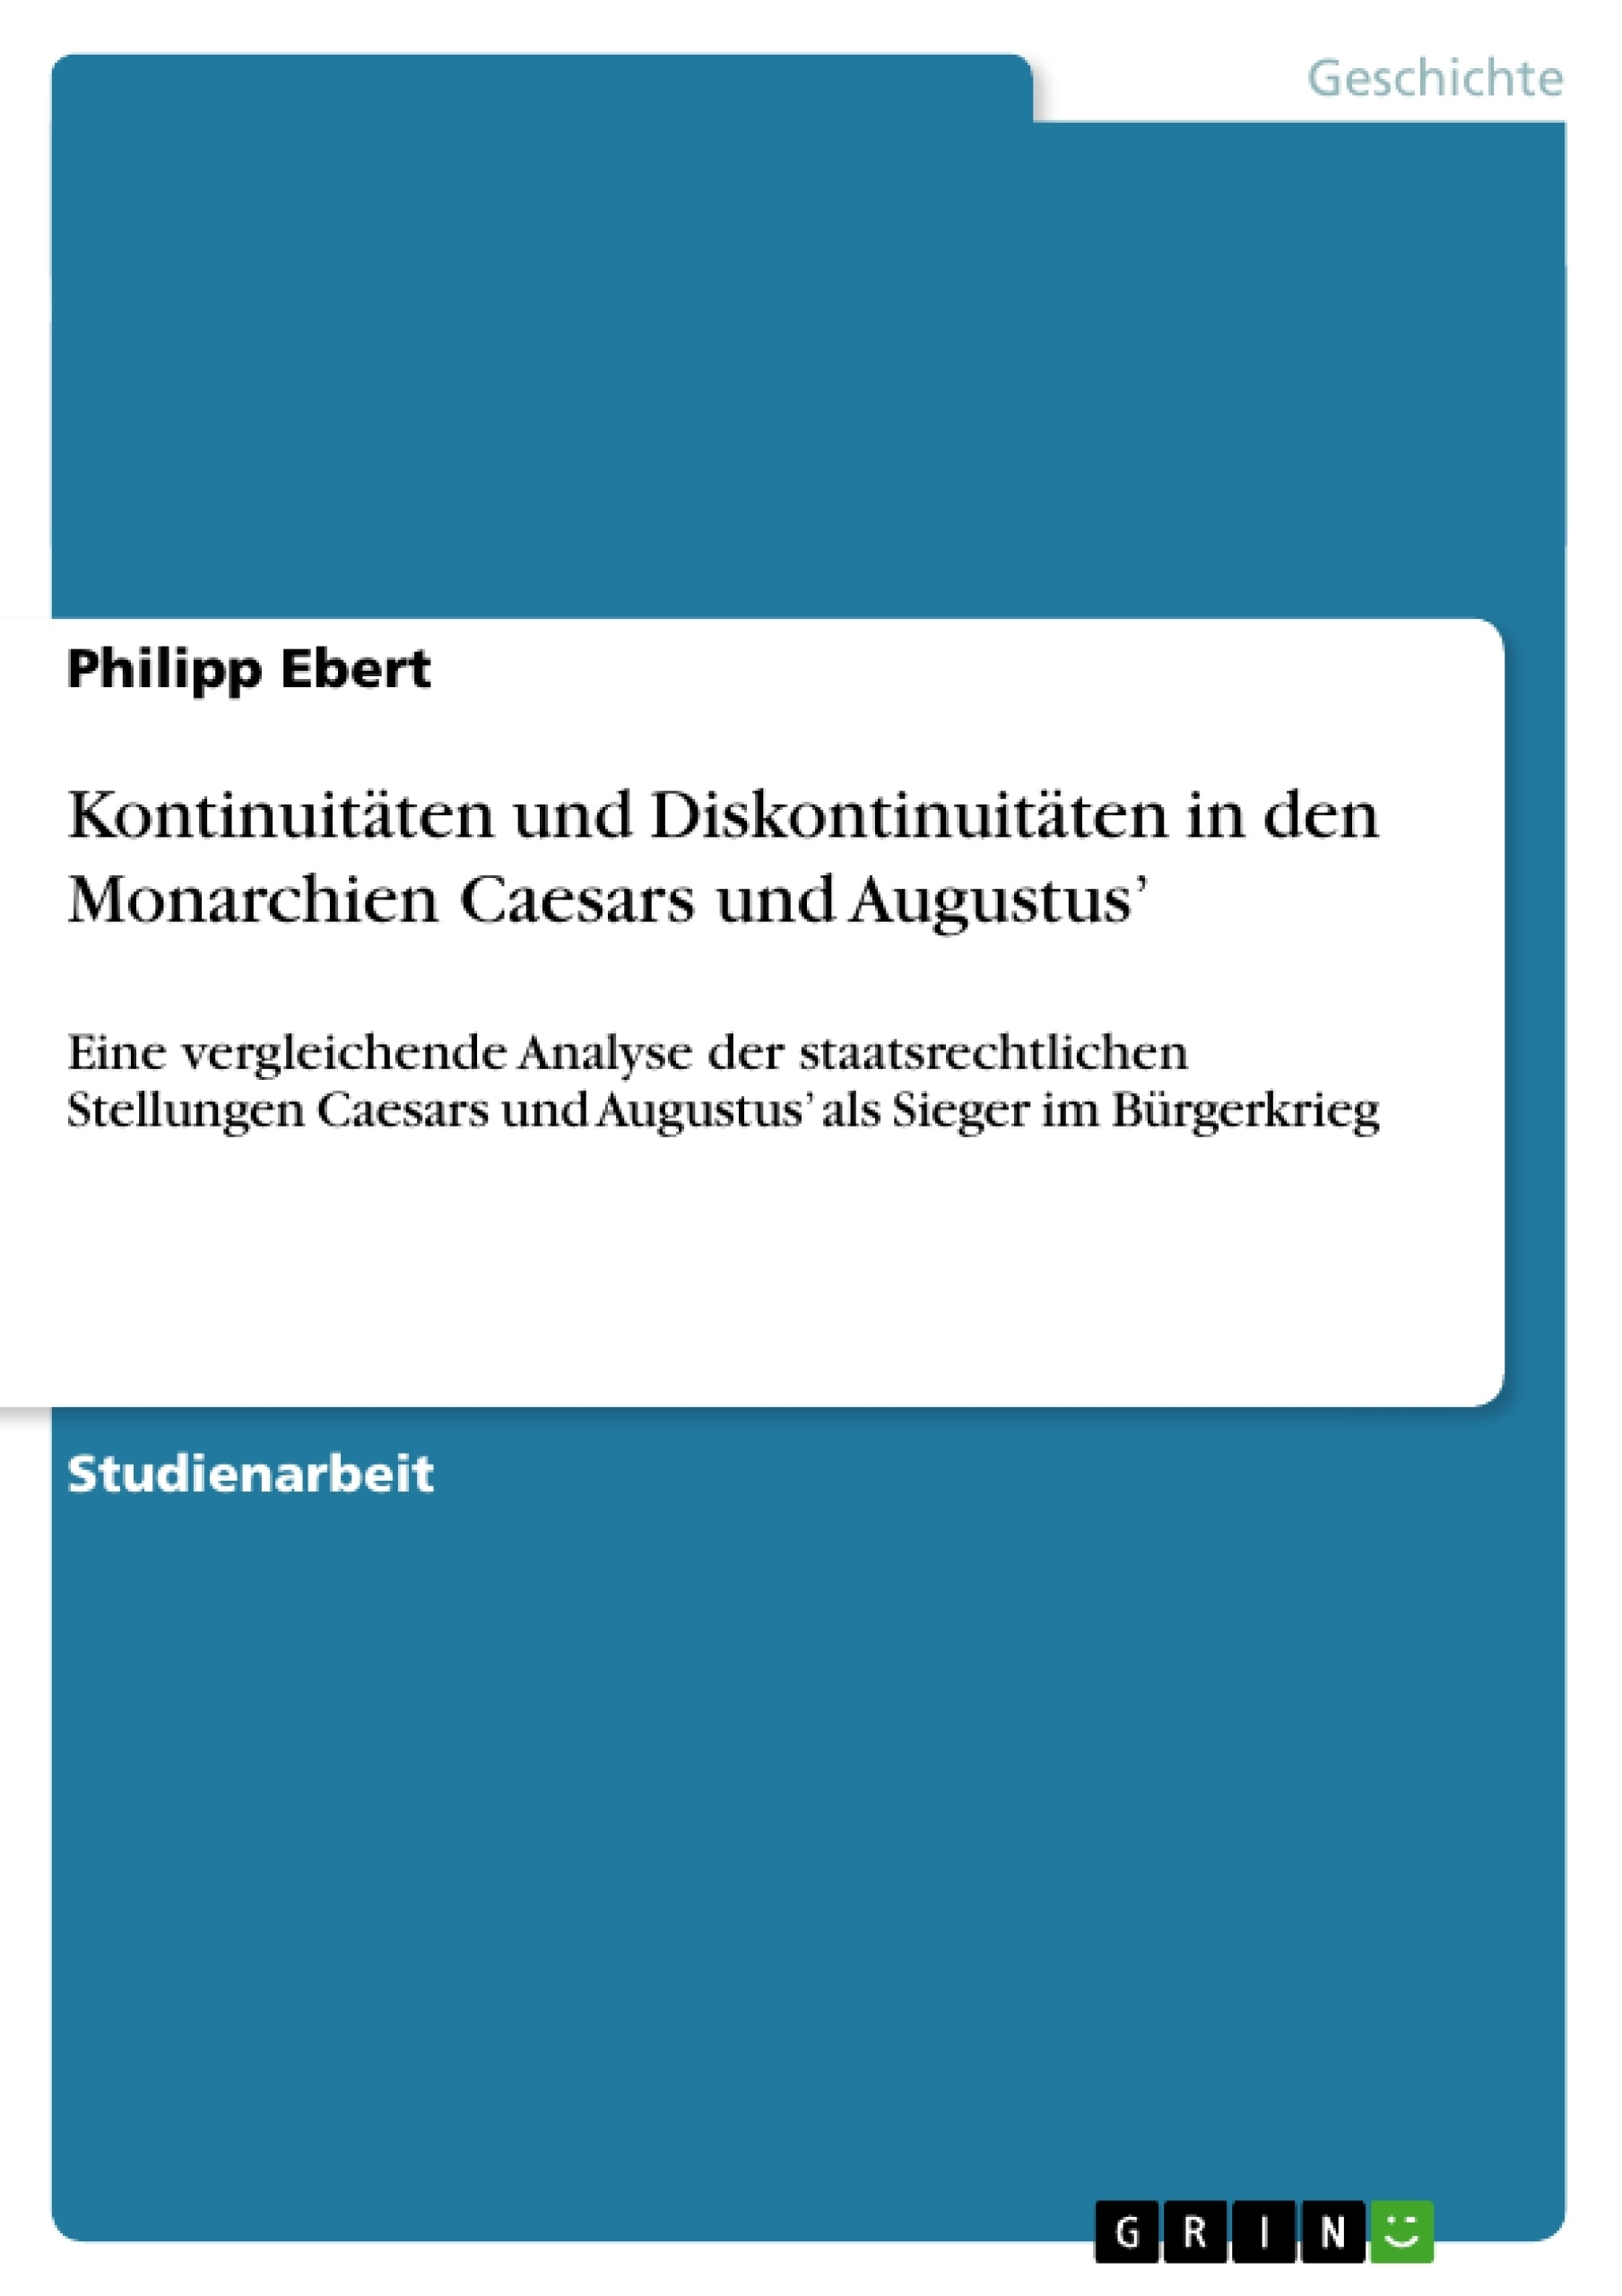 Titel: Kontinuitäten und Diskontinuitäten in den Monarchien Caesars und Augustus'